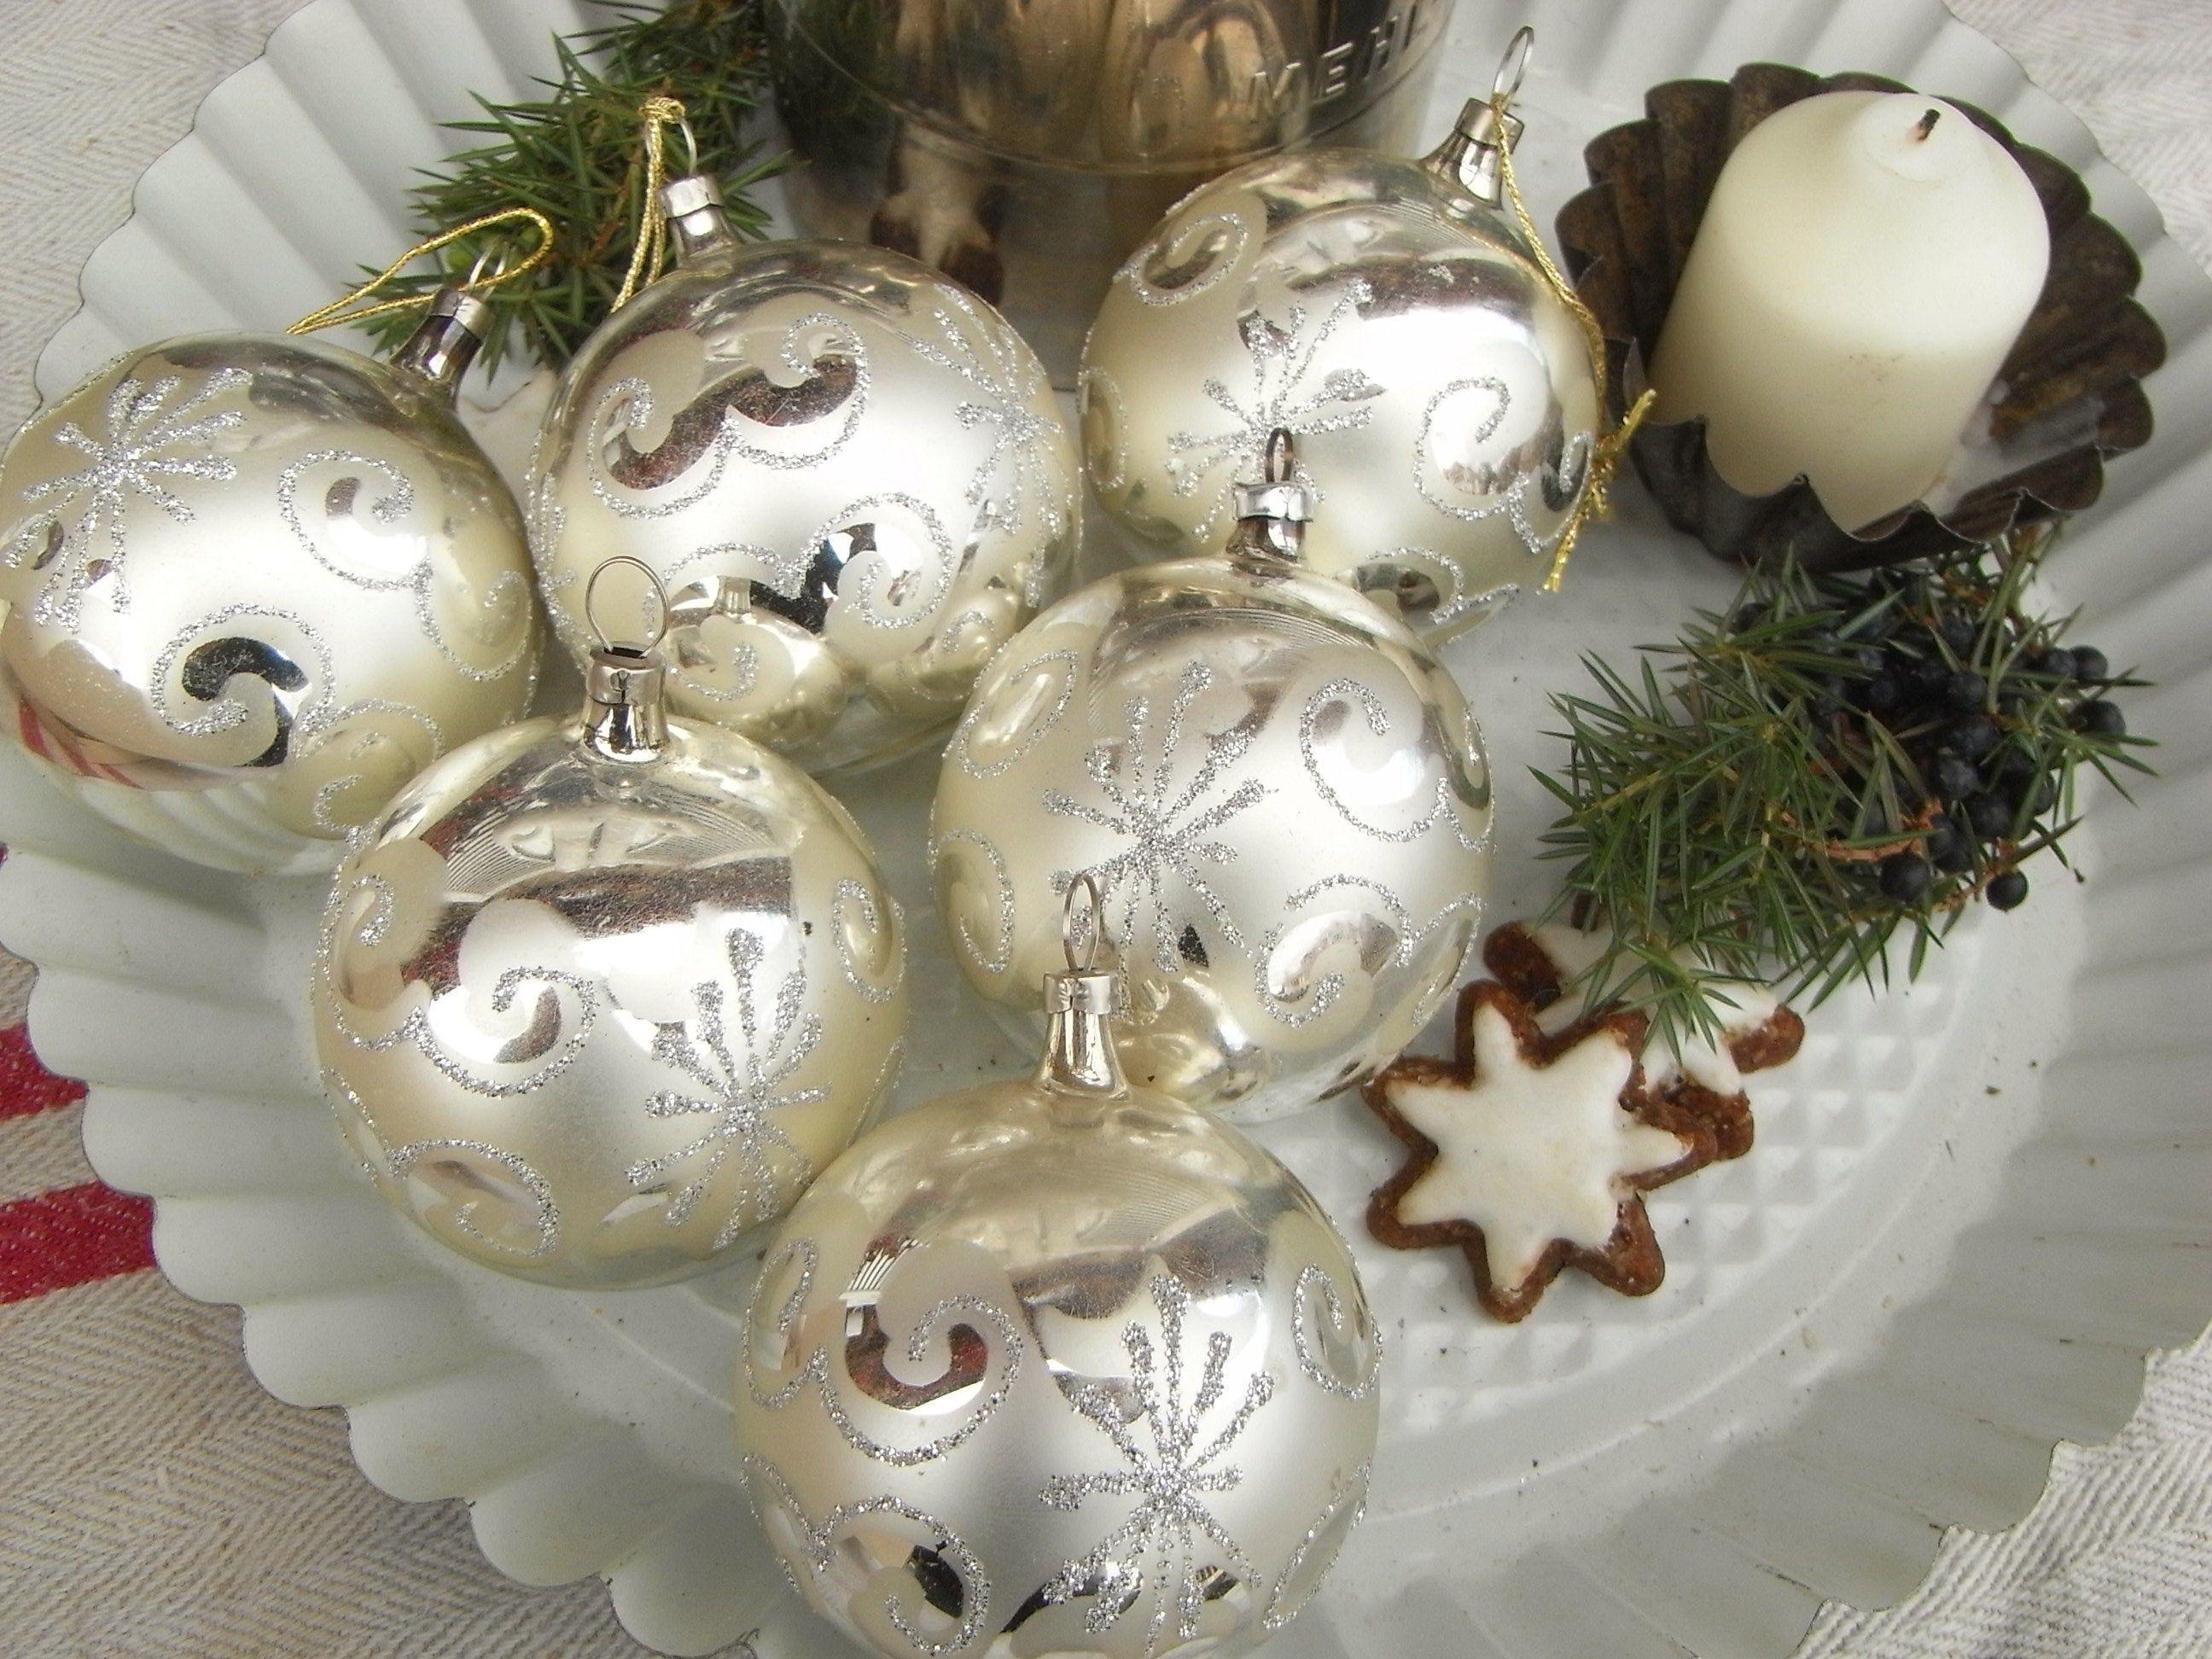 alter Christbaumschmuck, Christbaumkugeln, Baumbehang, mid century, Bauernsilber matt & glänzend, Silberflitter, vintage Ornamente